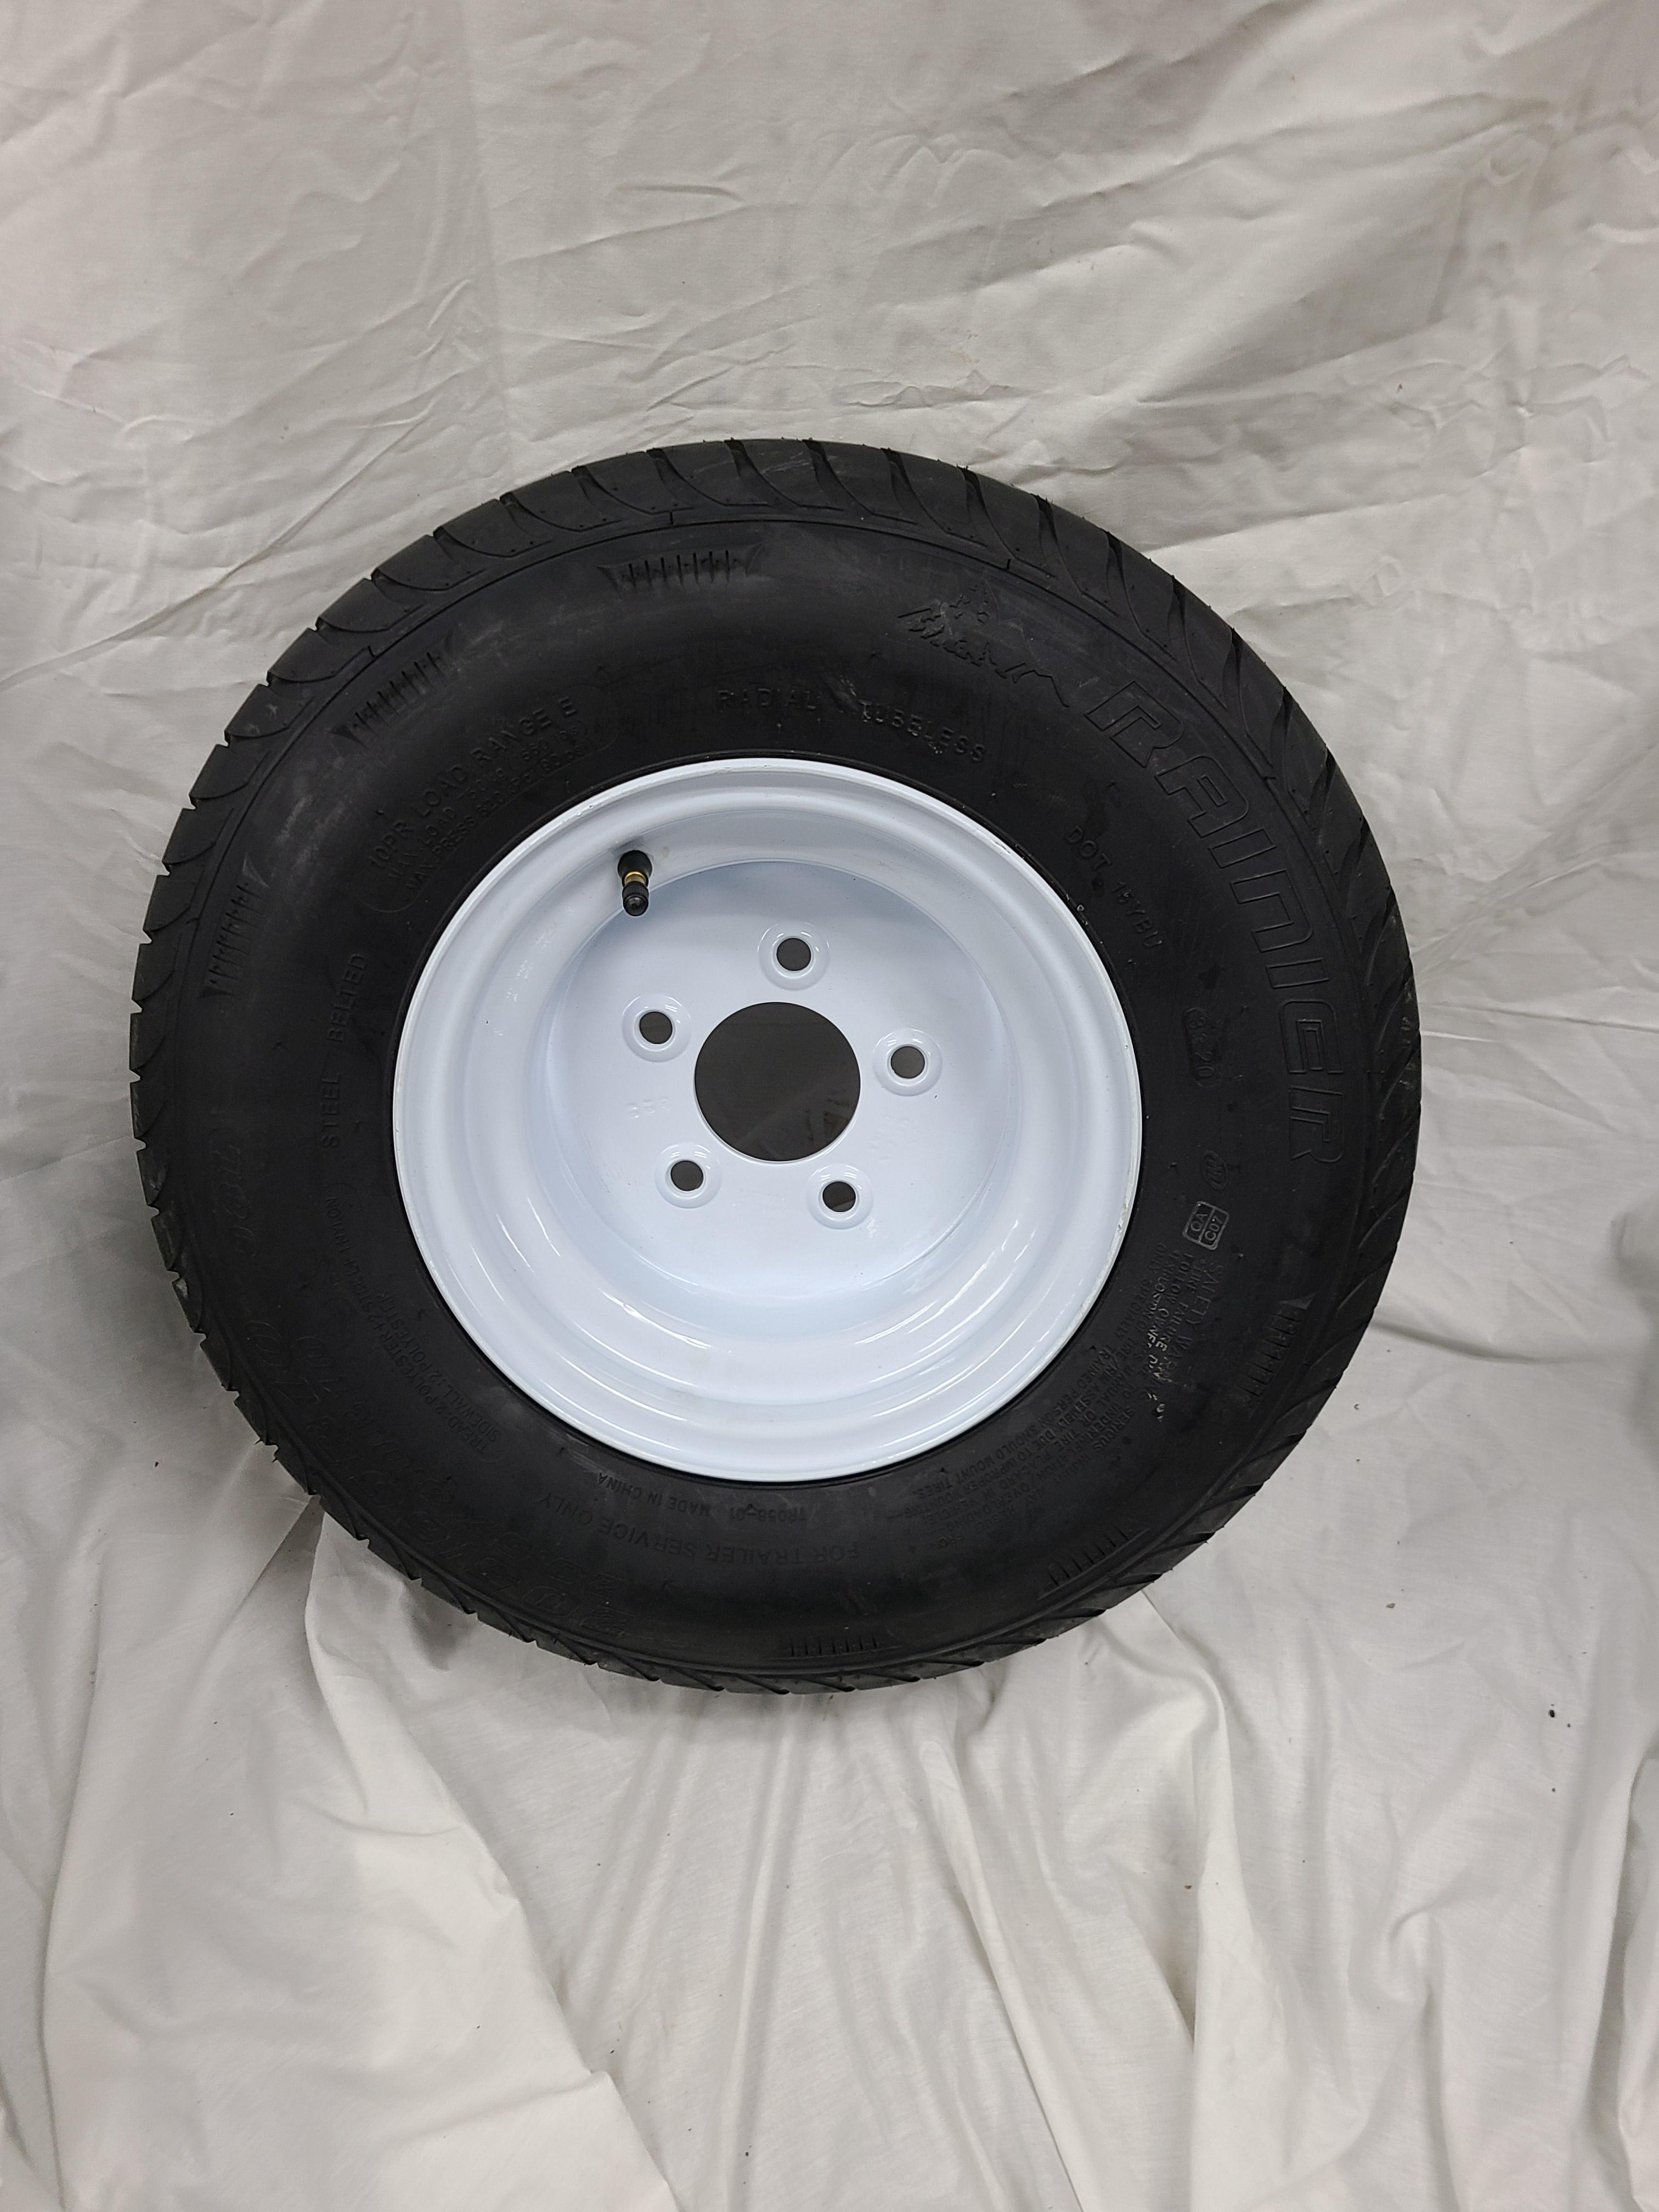 18.5X8.5X8 Trailer Wheel  5 Lug White Wheel